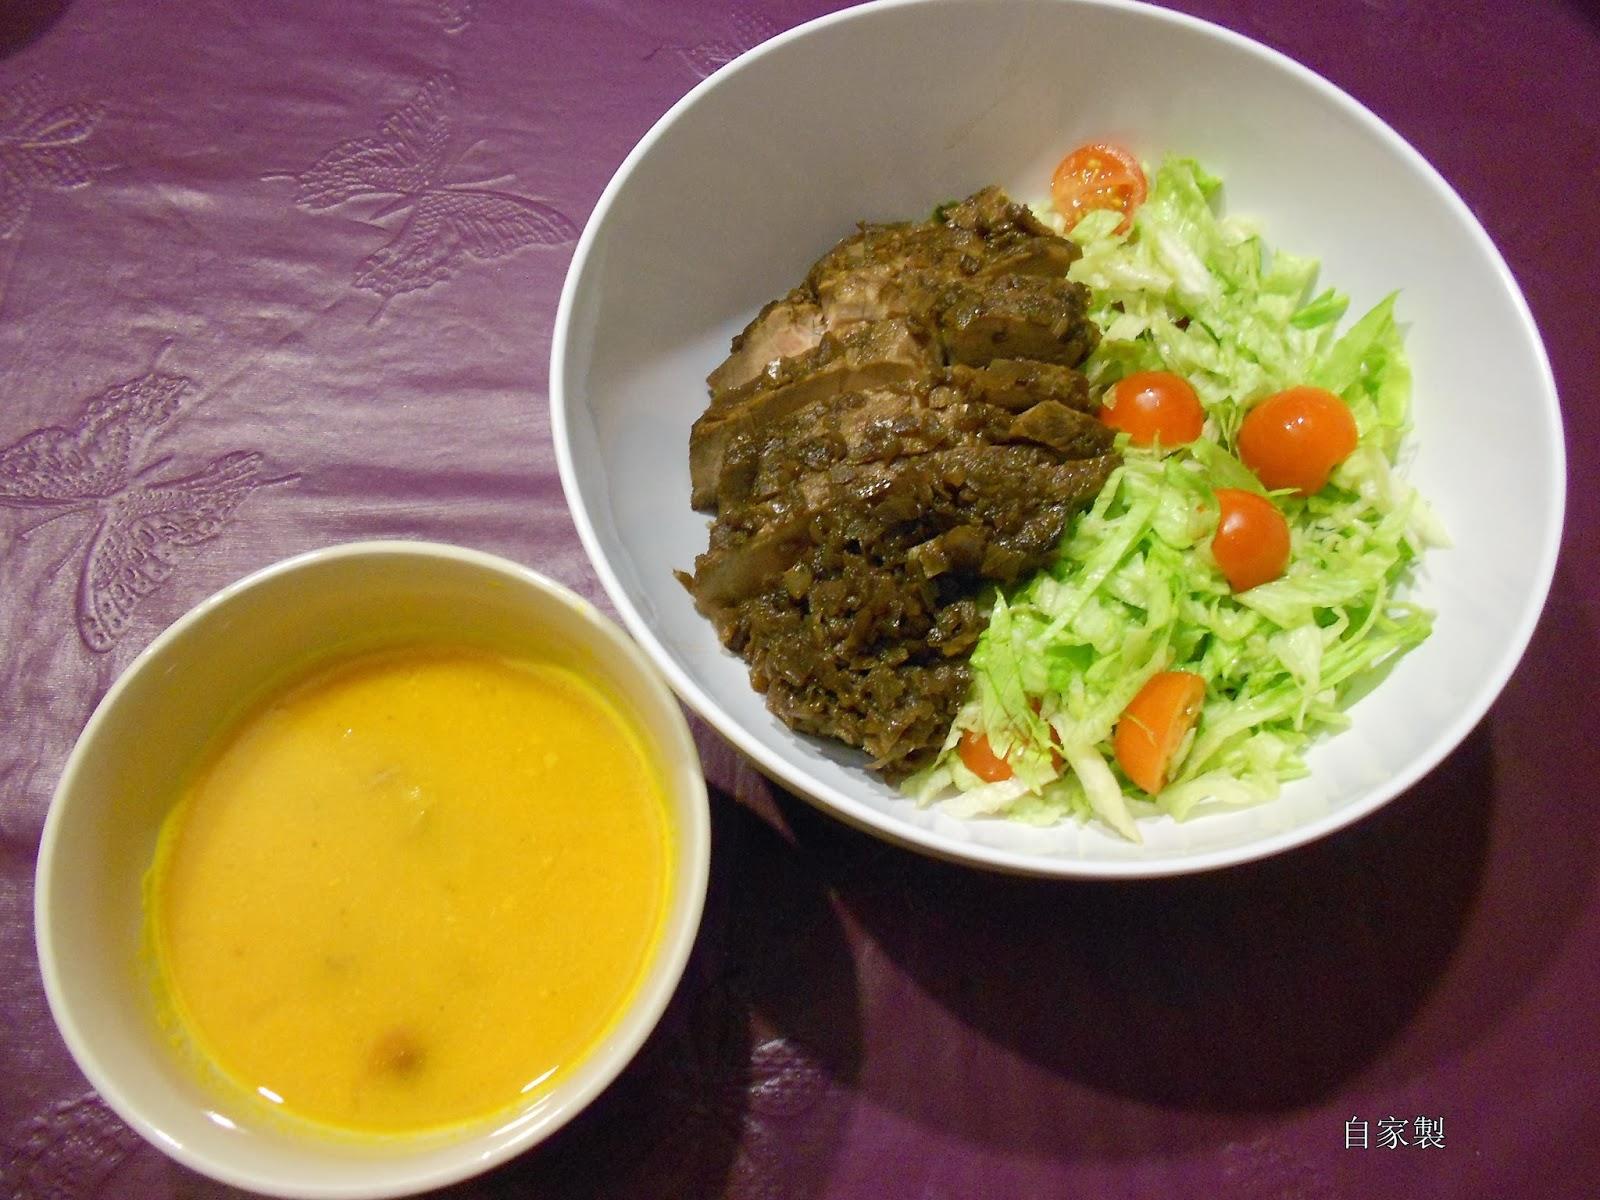 自家製: 洋蔥紅酒黑醋義燒定食